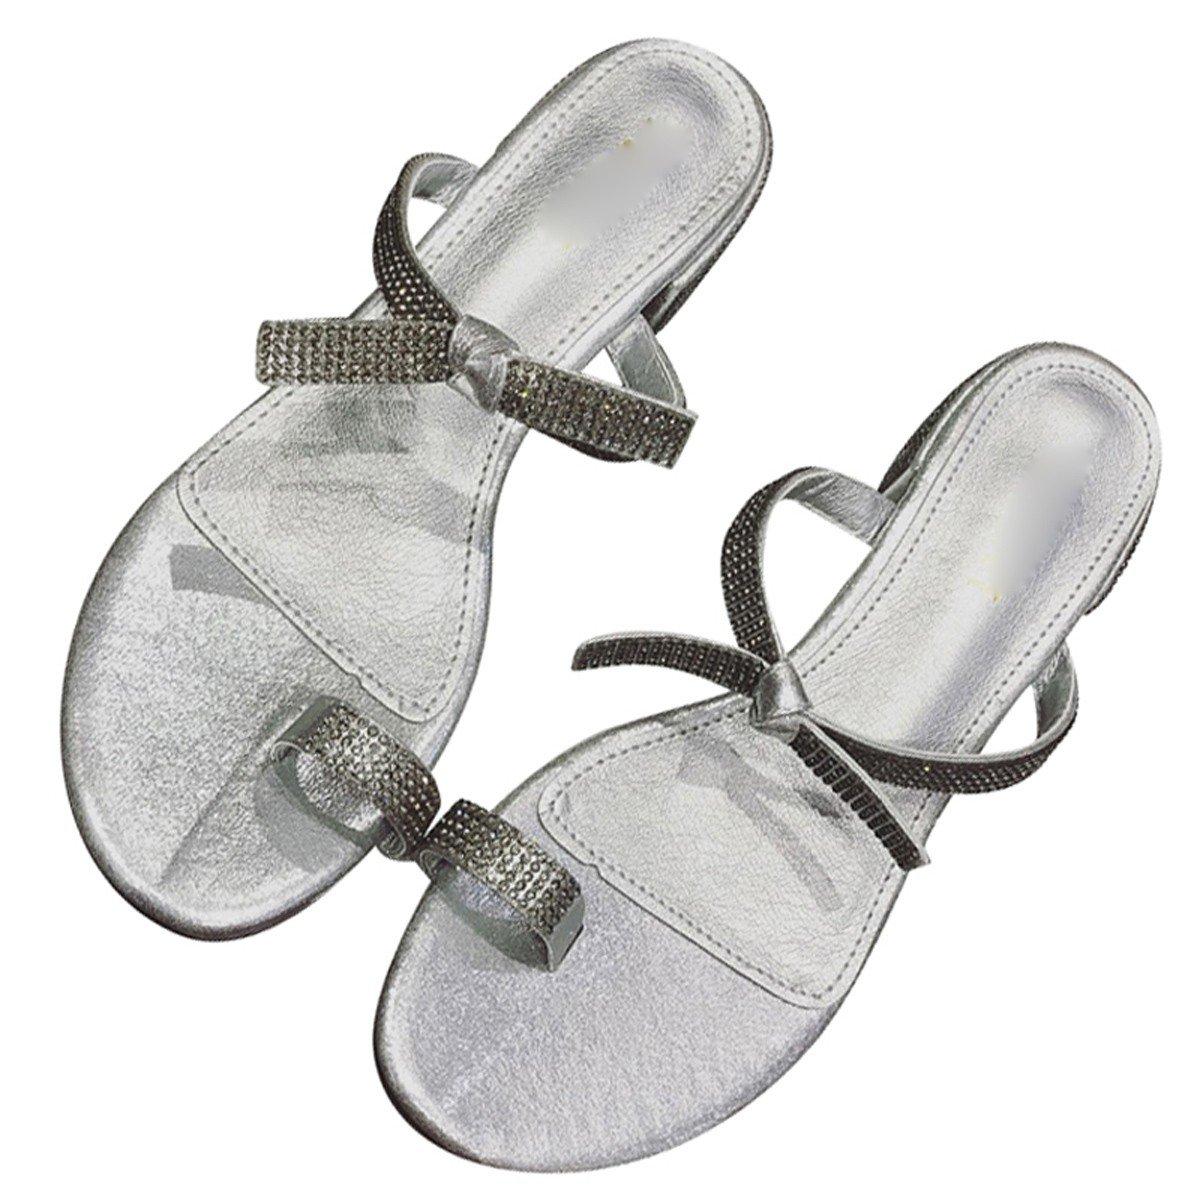 HBDLH-Damenschuhe Eine Riesige Zeh Ein Großspuriger der Schuh Hochhackigen Schuh Ein Sexy Mode Diamanten und Einen Bogen.